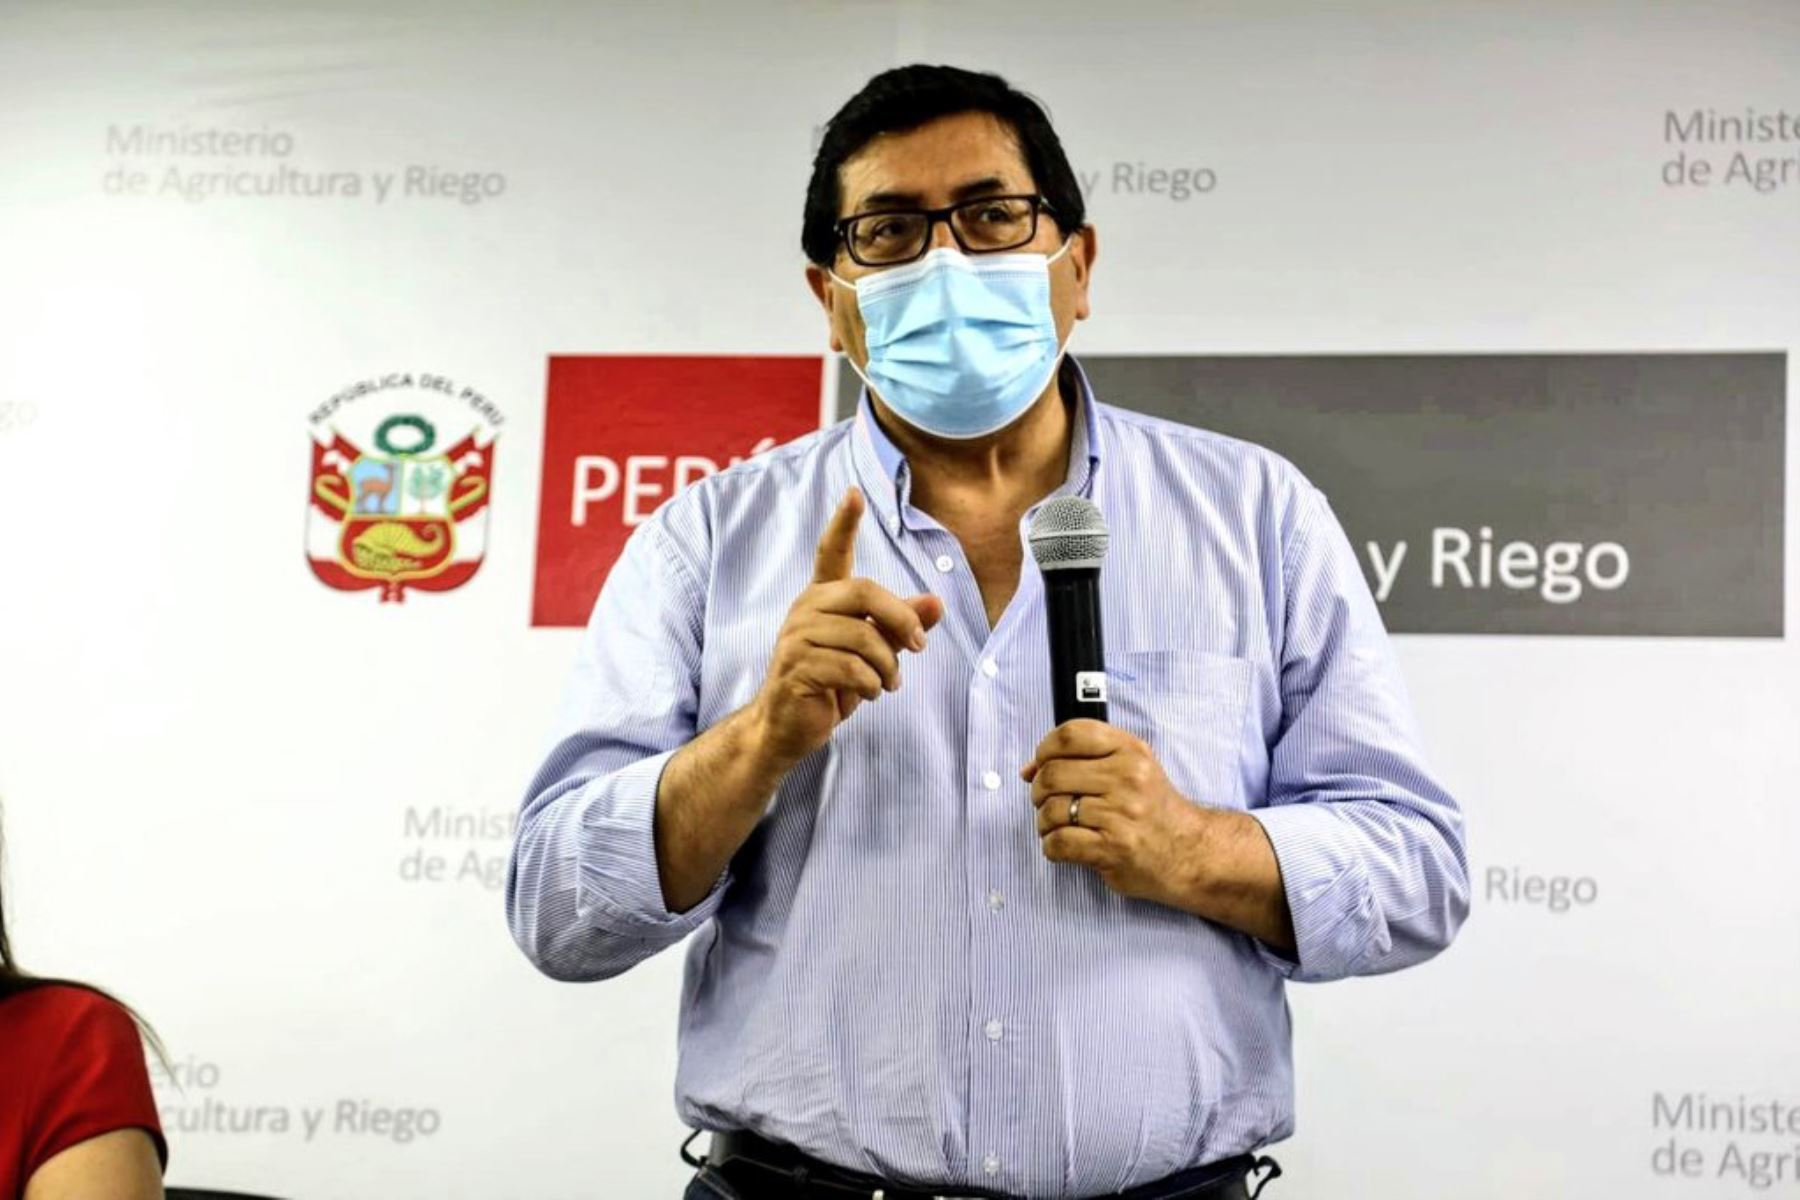 Ministro de Agricultura, Federico Tenorio sostuvo reunión con representantes de las Juntas de Usuarios de los Sectores Hidráulicos de Riego del Perú, para evaluar las acciones que implementa el Ejecutivo ante el estrés hídrico en el norte del país. Foto: Midagri